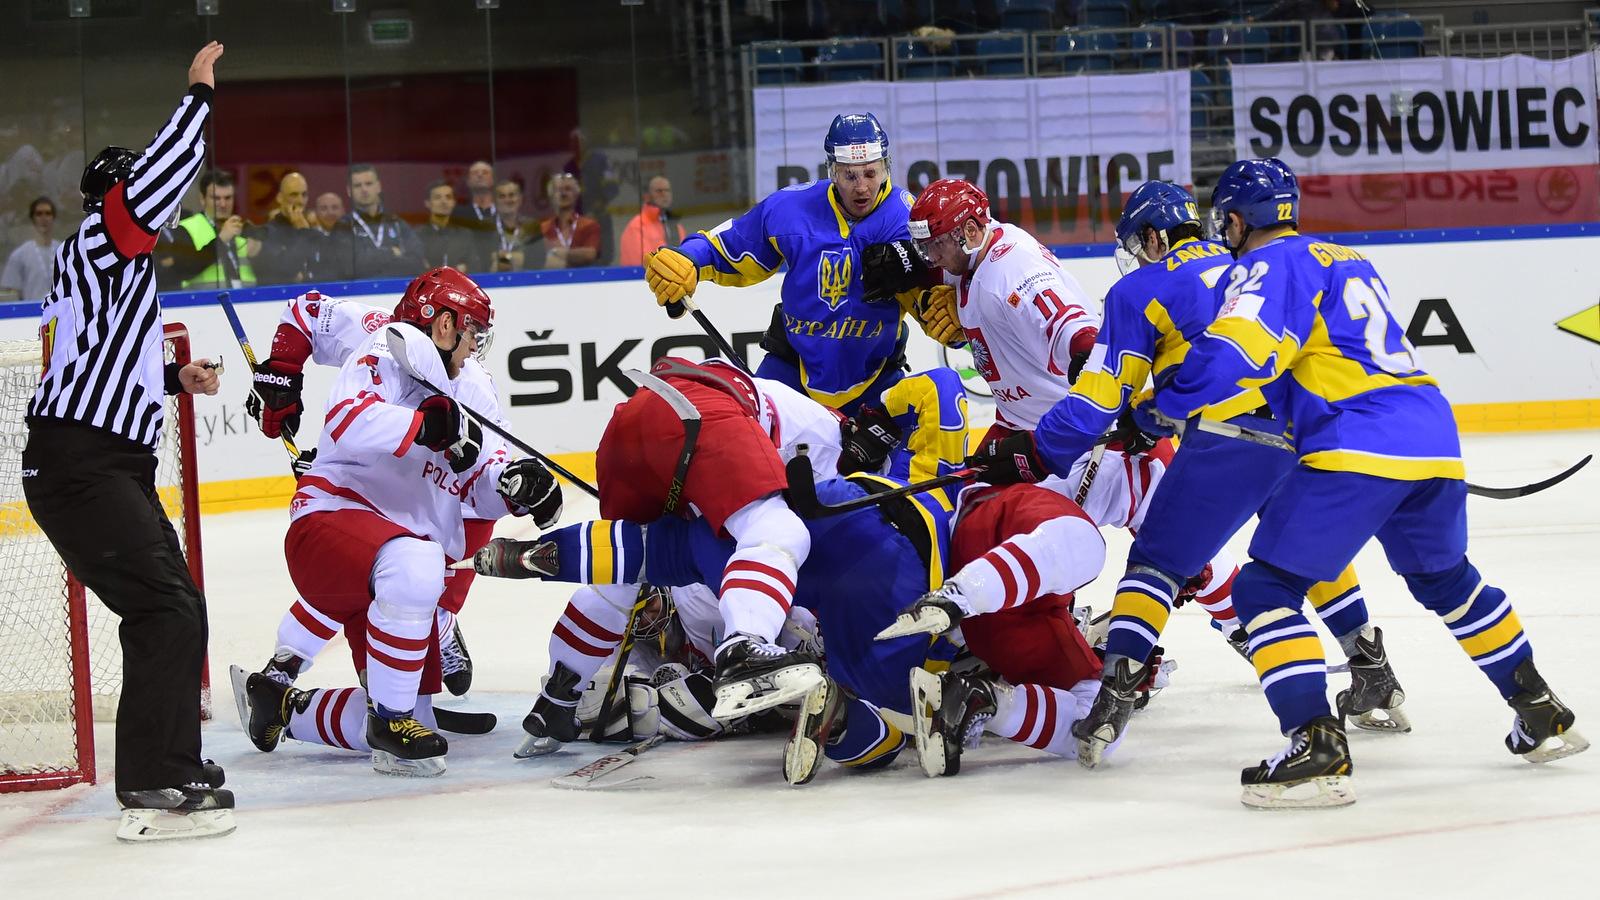 сборная Венгрии, сборная Украины, сборная Италии, сборная Казахстана, сборная Польши, ЧМ-2016 (первый дивизион), сборная Японии